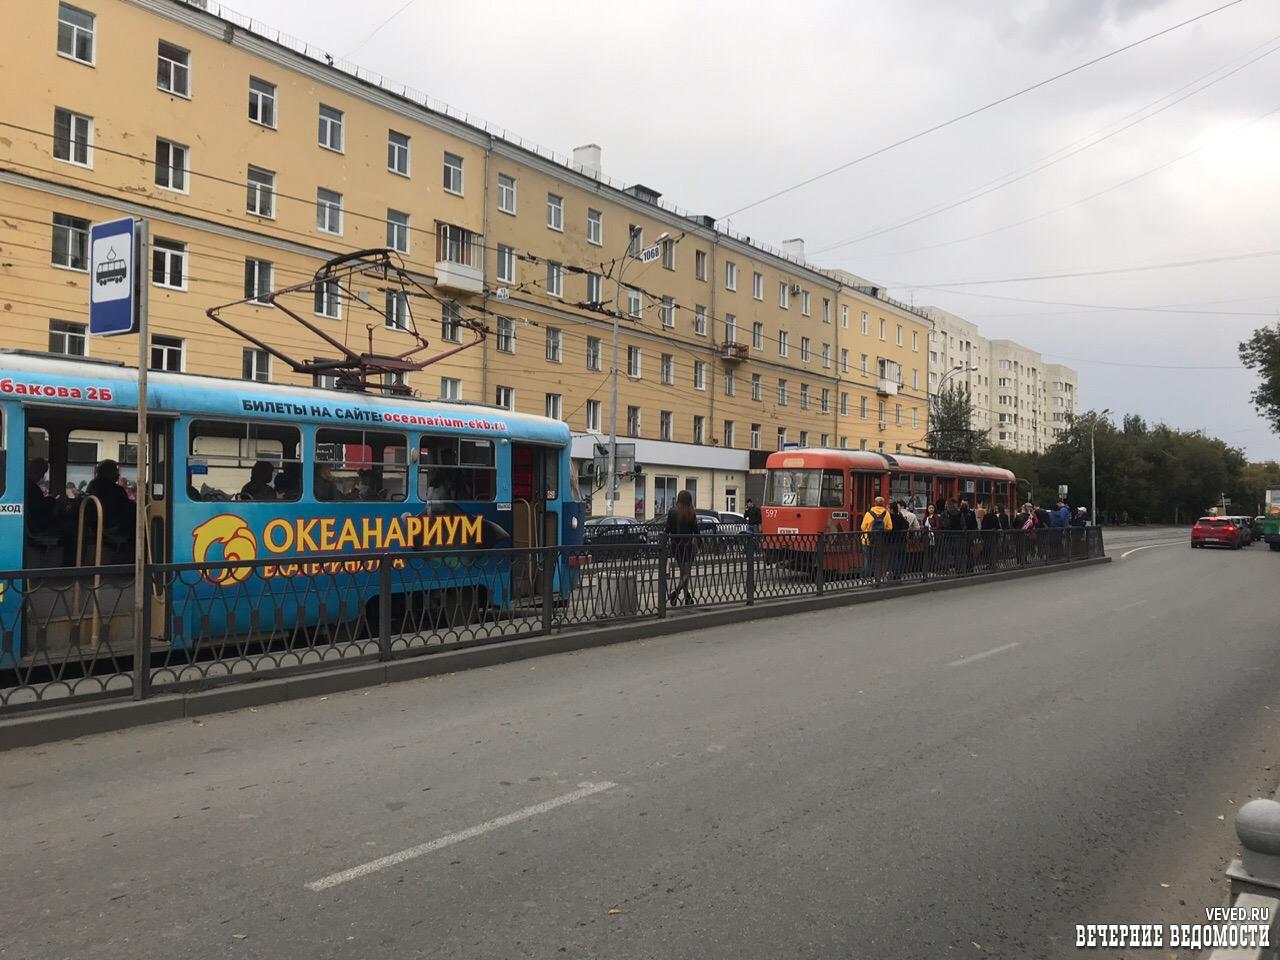 В Екатеринбурге 8 Марта встали трамваи из-за обнаружения подозрительной сумки в вагоне